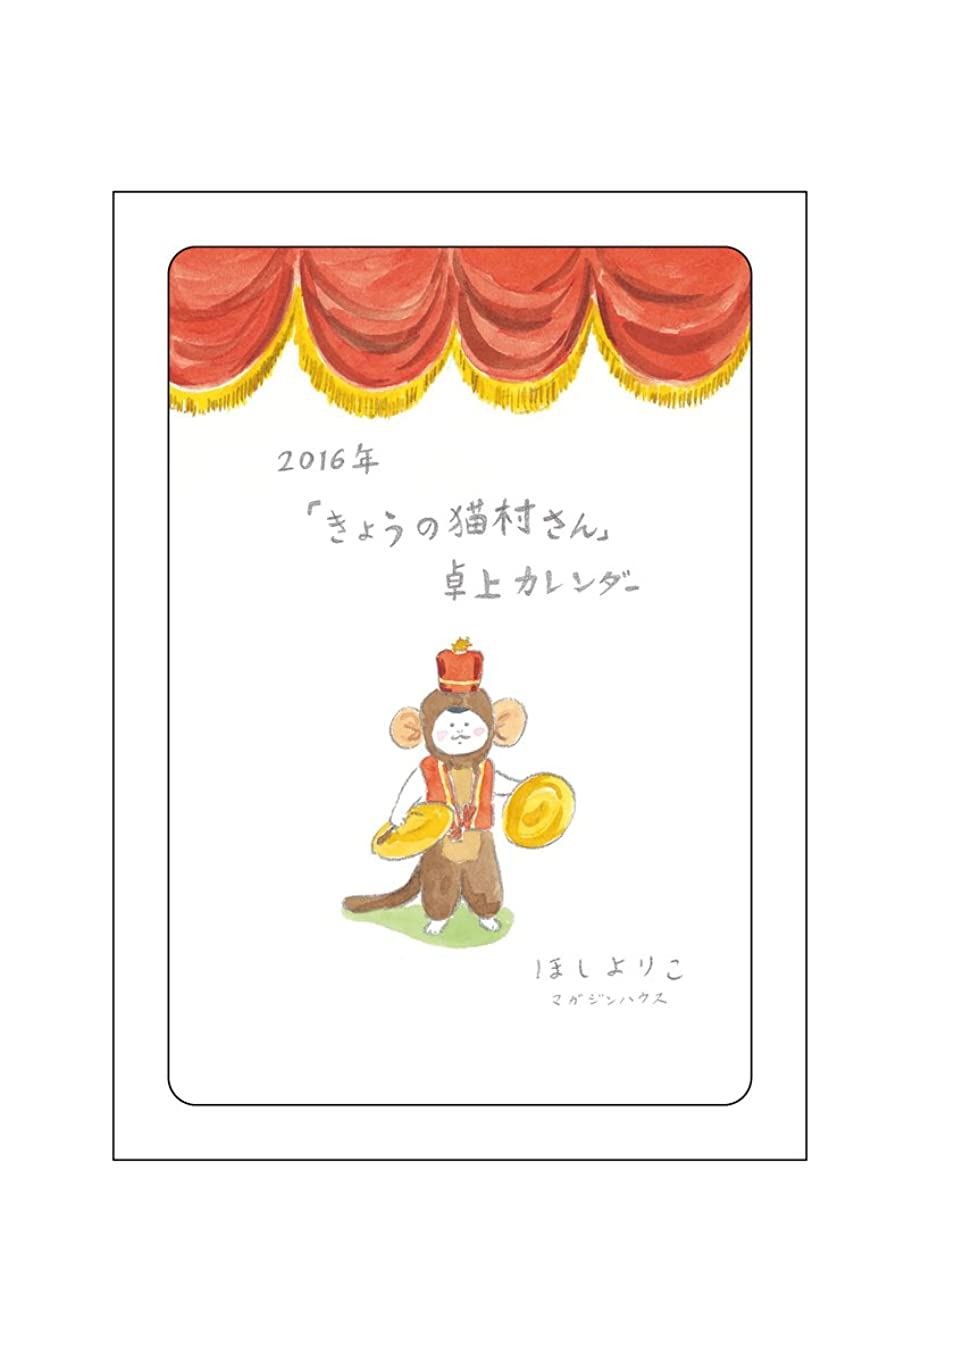 意義直立失う2016年「きょうの猫村さん」卓上カレンダー ([カレンダー])